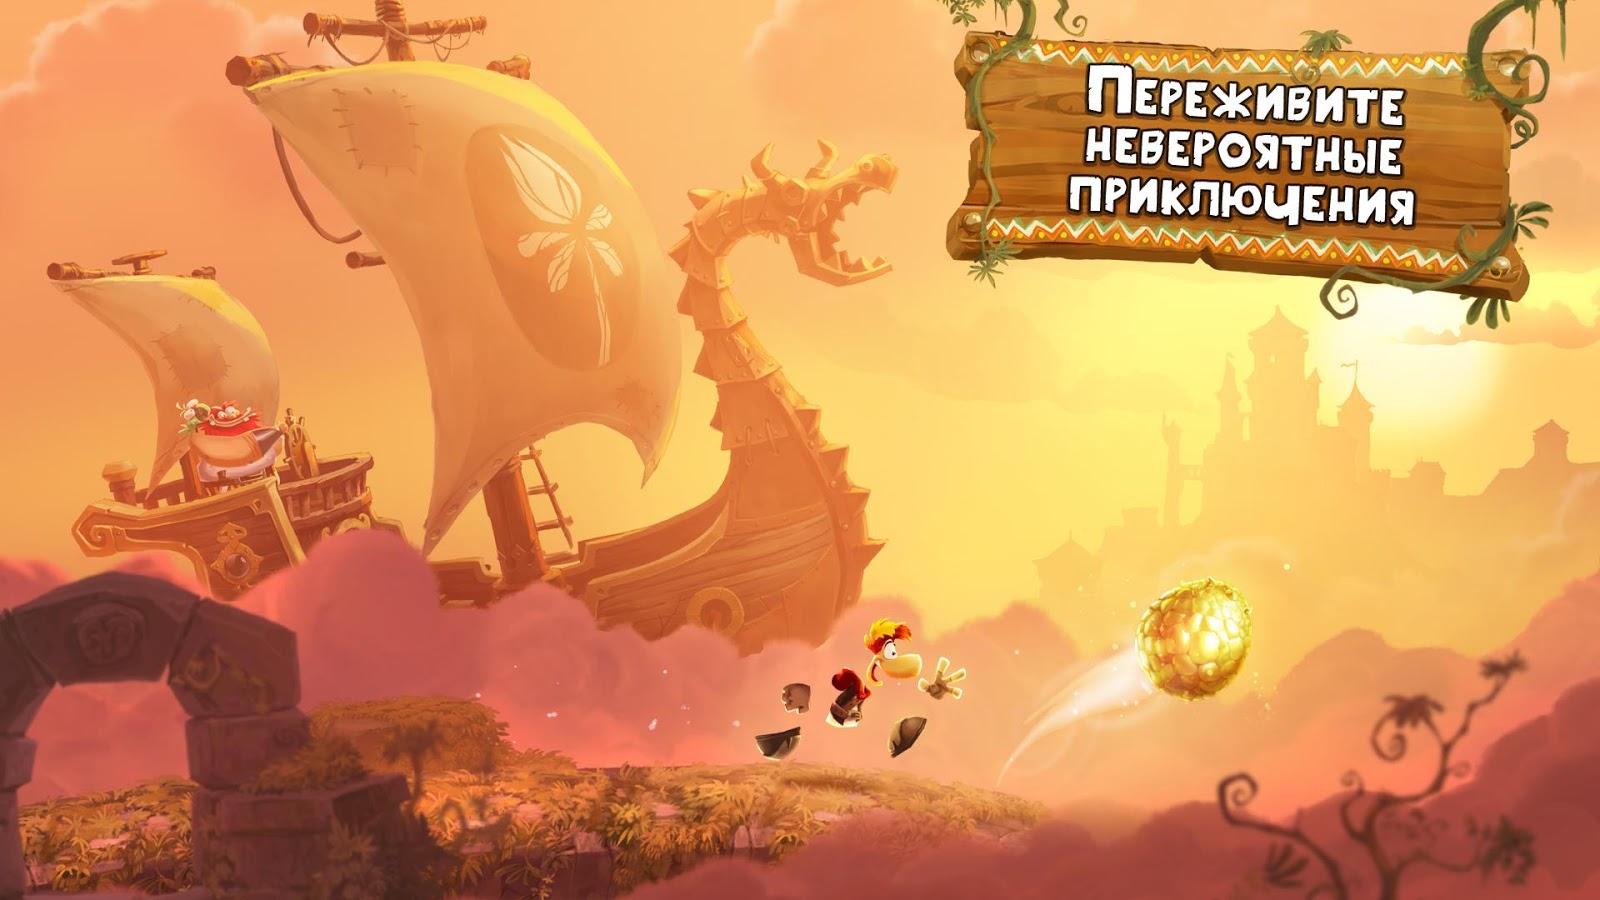 9 игр для андроид, работающих без интернета - Rayman Adventures